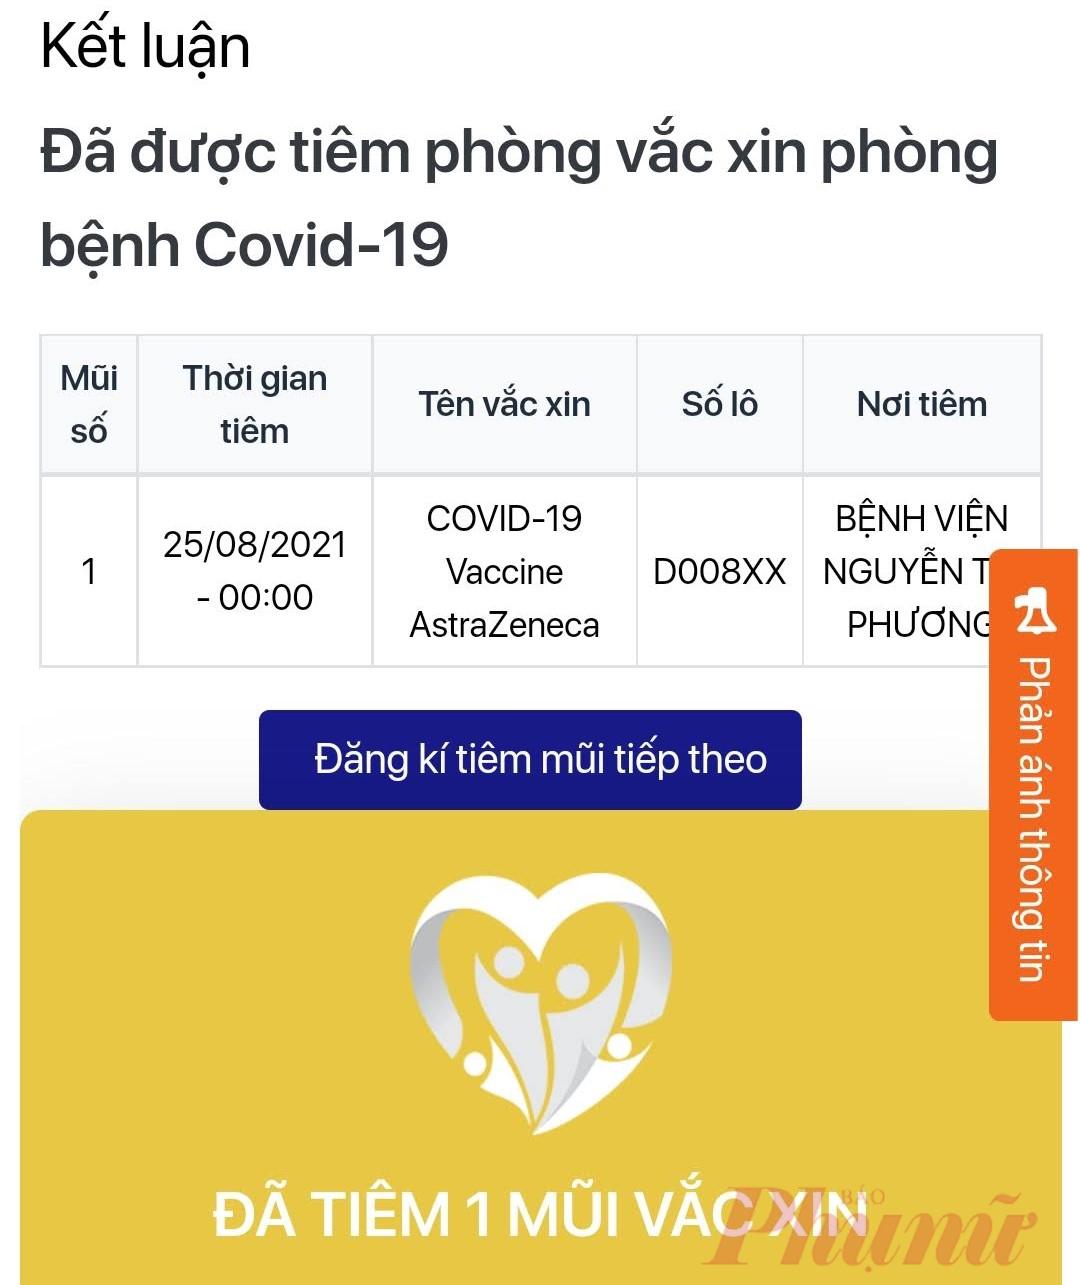 Dù người viết đã tiêm đủ 2 mũi vào ngày 21/6 và 25/8, thông tin trên Sổ Sức khỏe điện tử lẫn Cổng thông tin tiêm chủng COVID-19 vẫn chỉ thể hiện 1 mũi tiêm (Ảnh chụp màn hình)